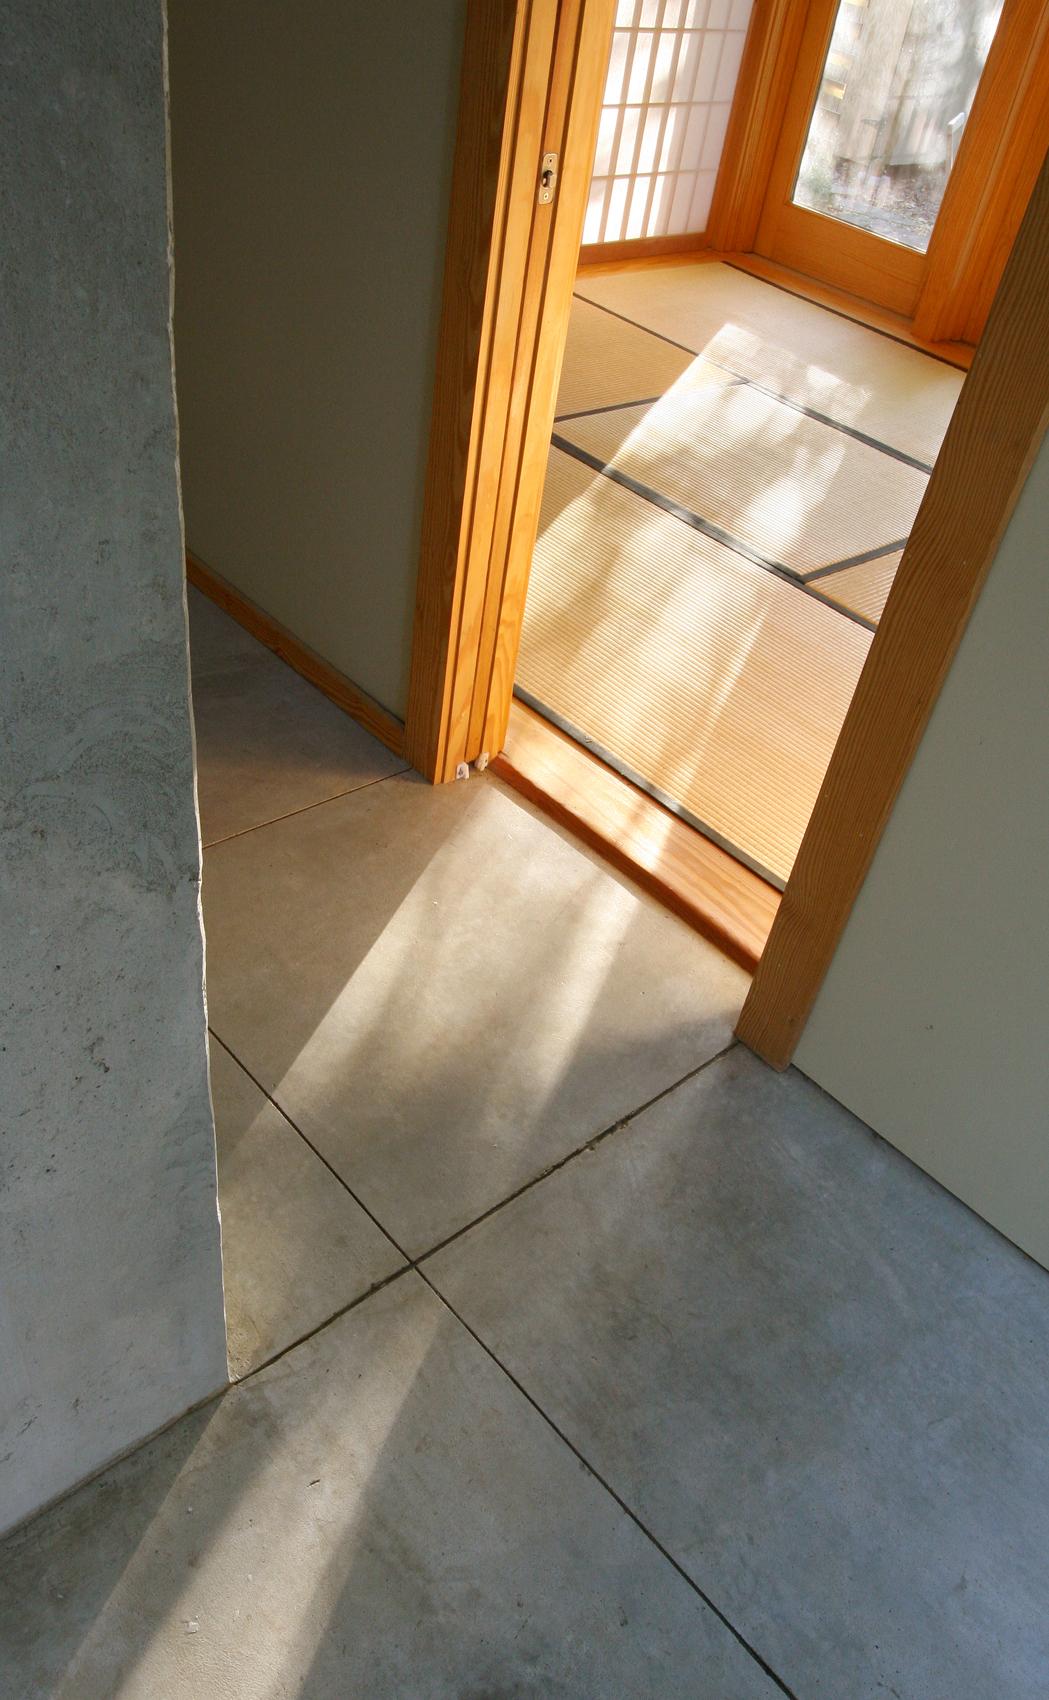 11-shower floor.JPG